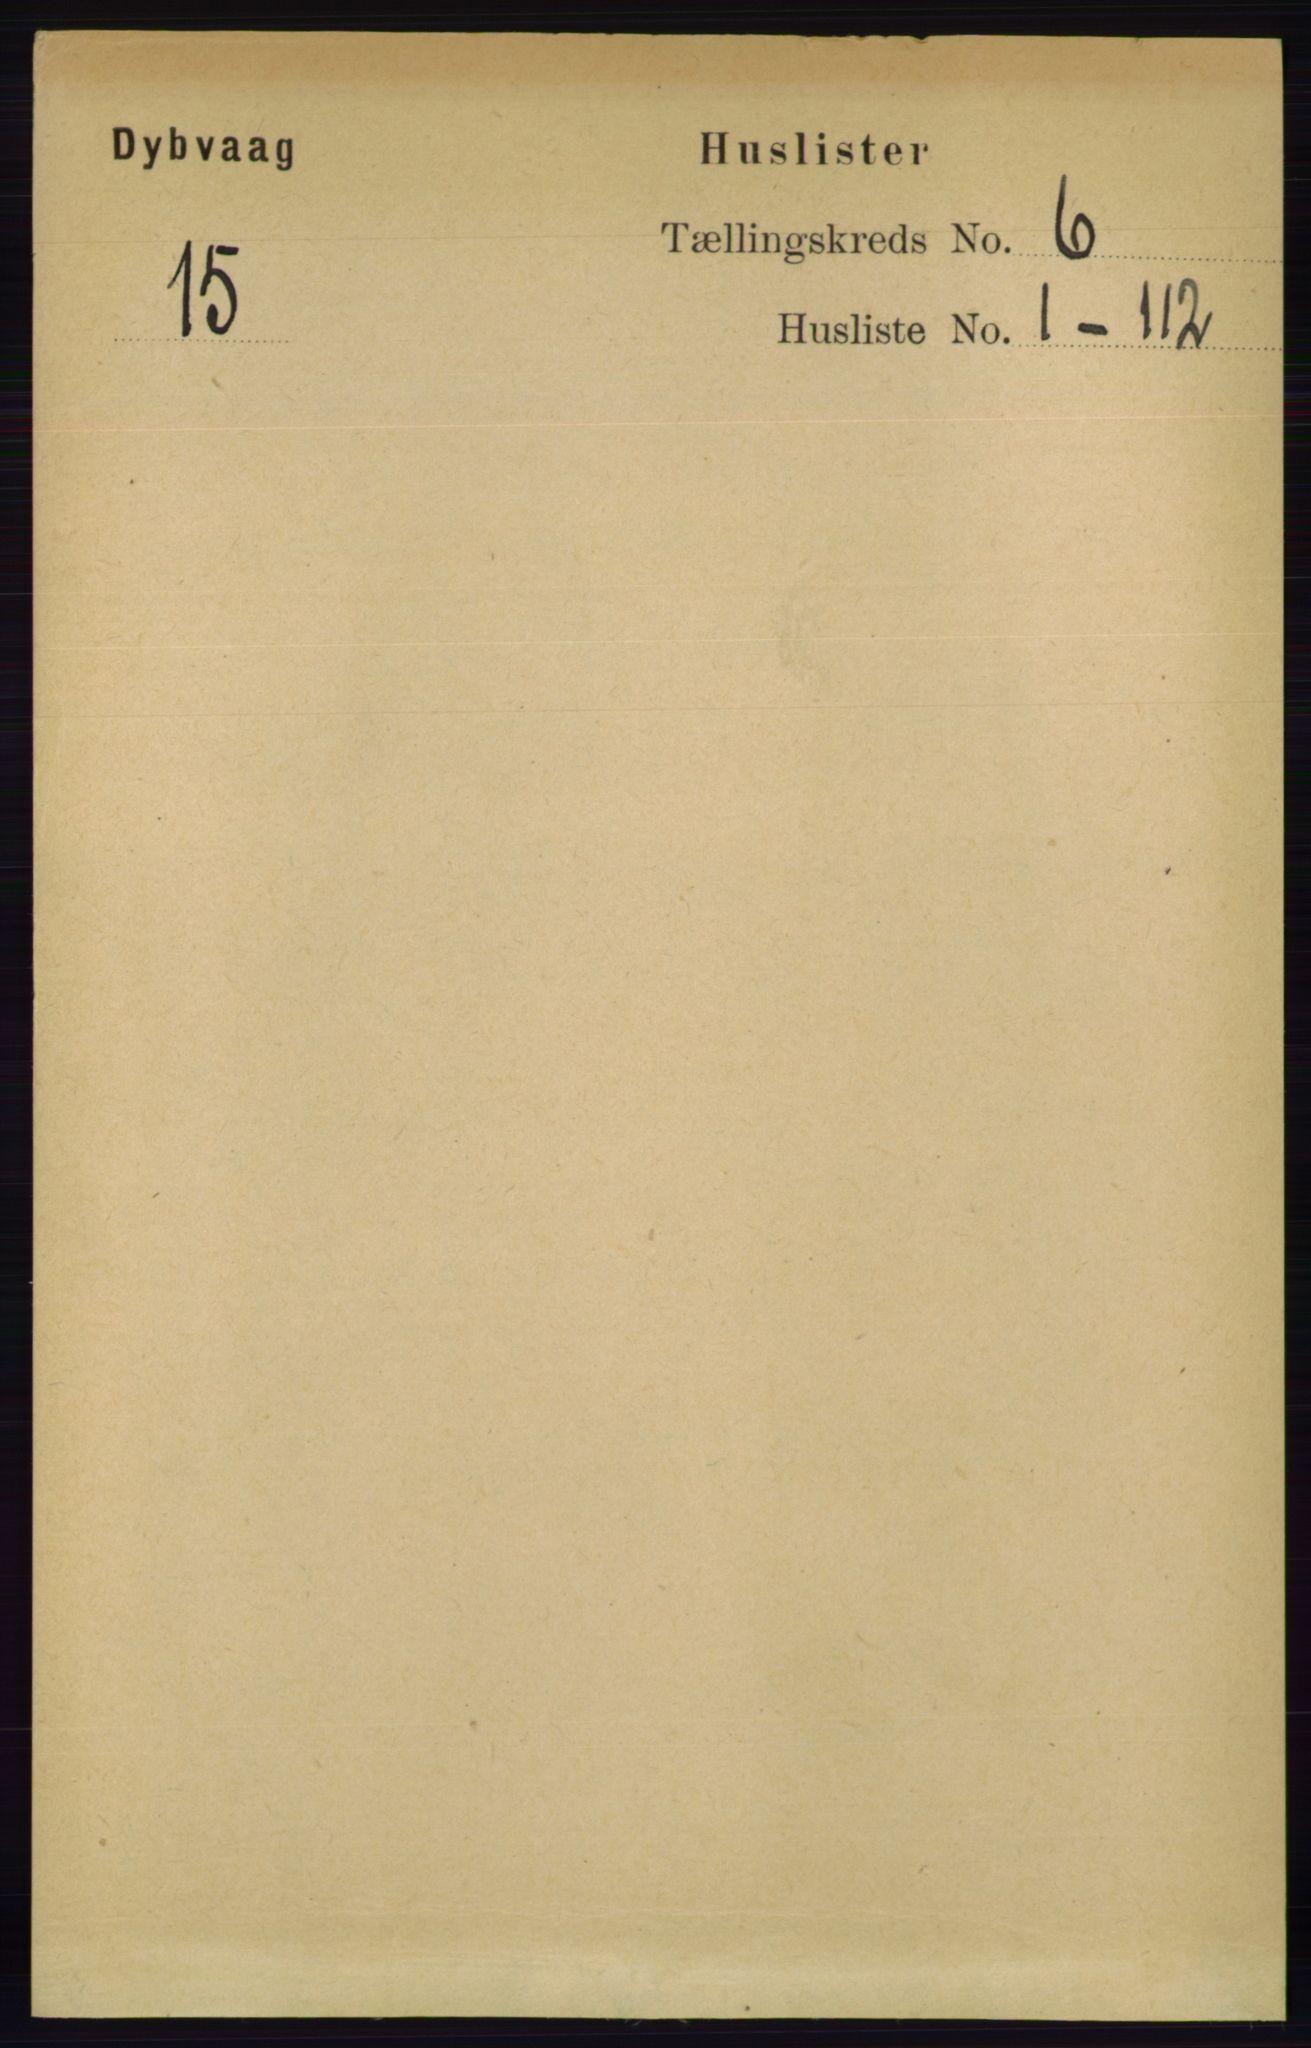 RA, Folketelling 1891 for 0915 Dypvåg herred, 1891, s. 1670